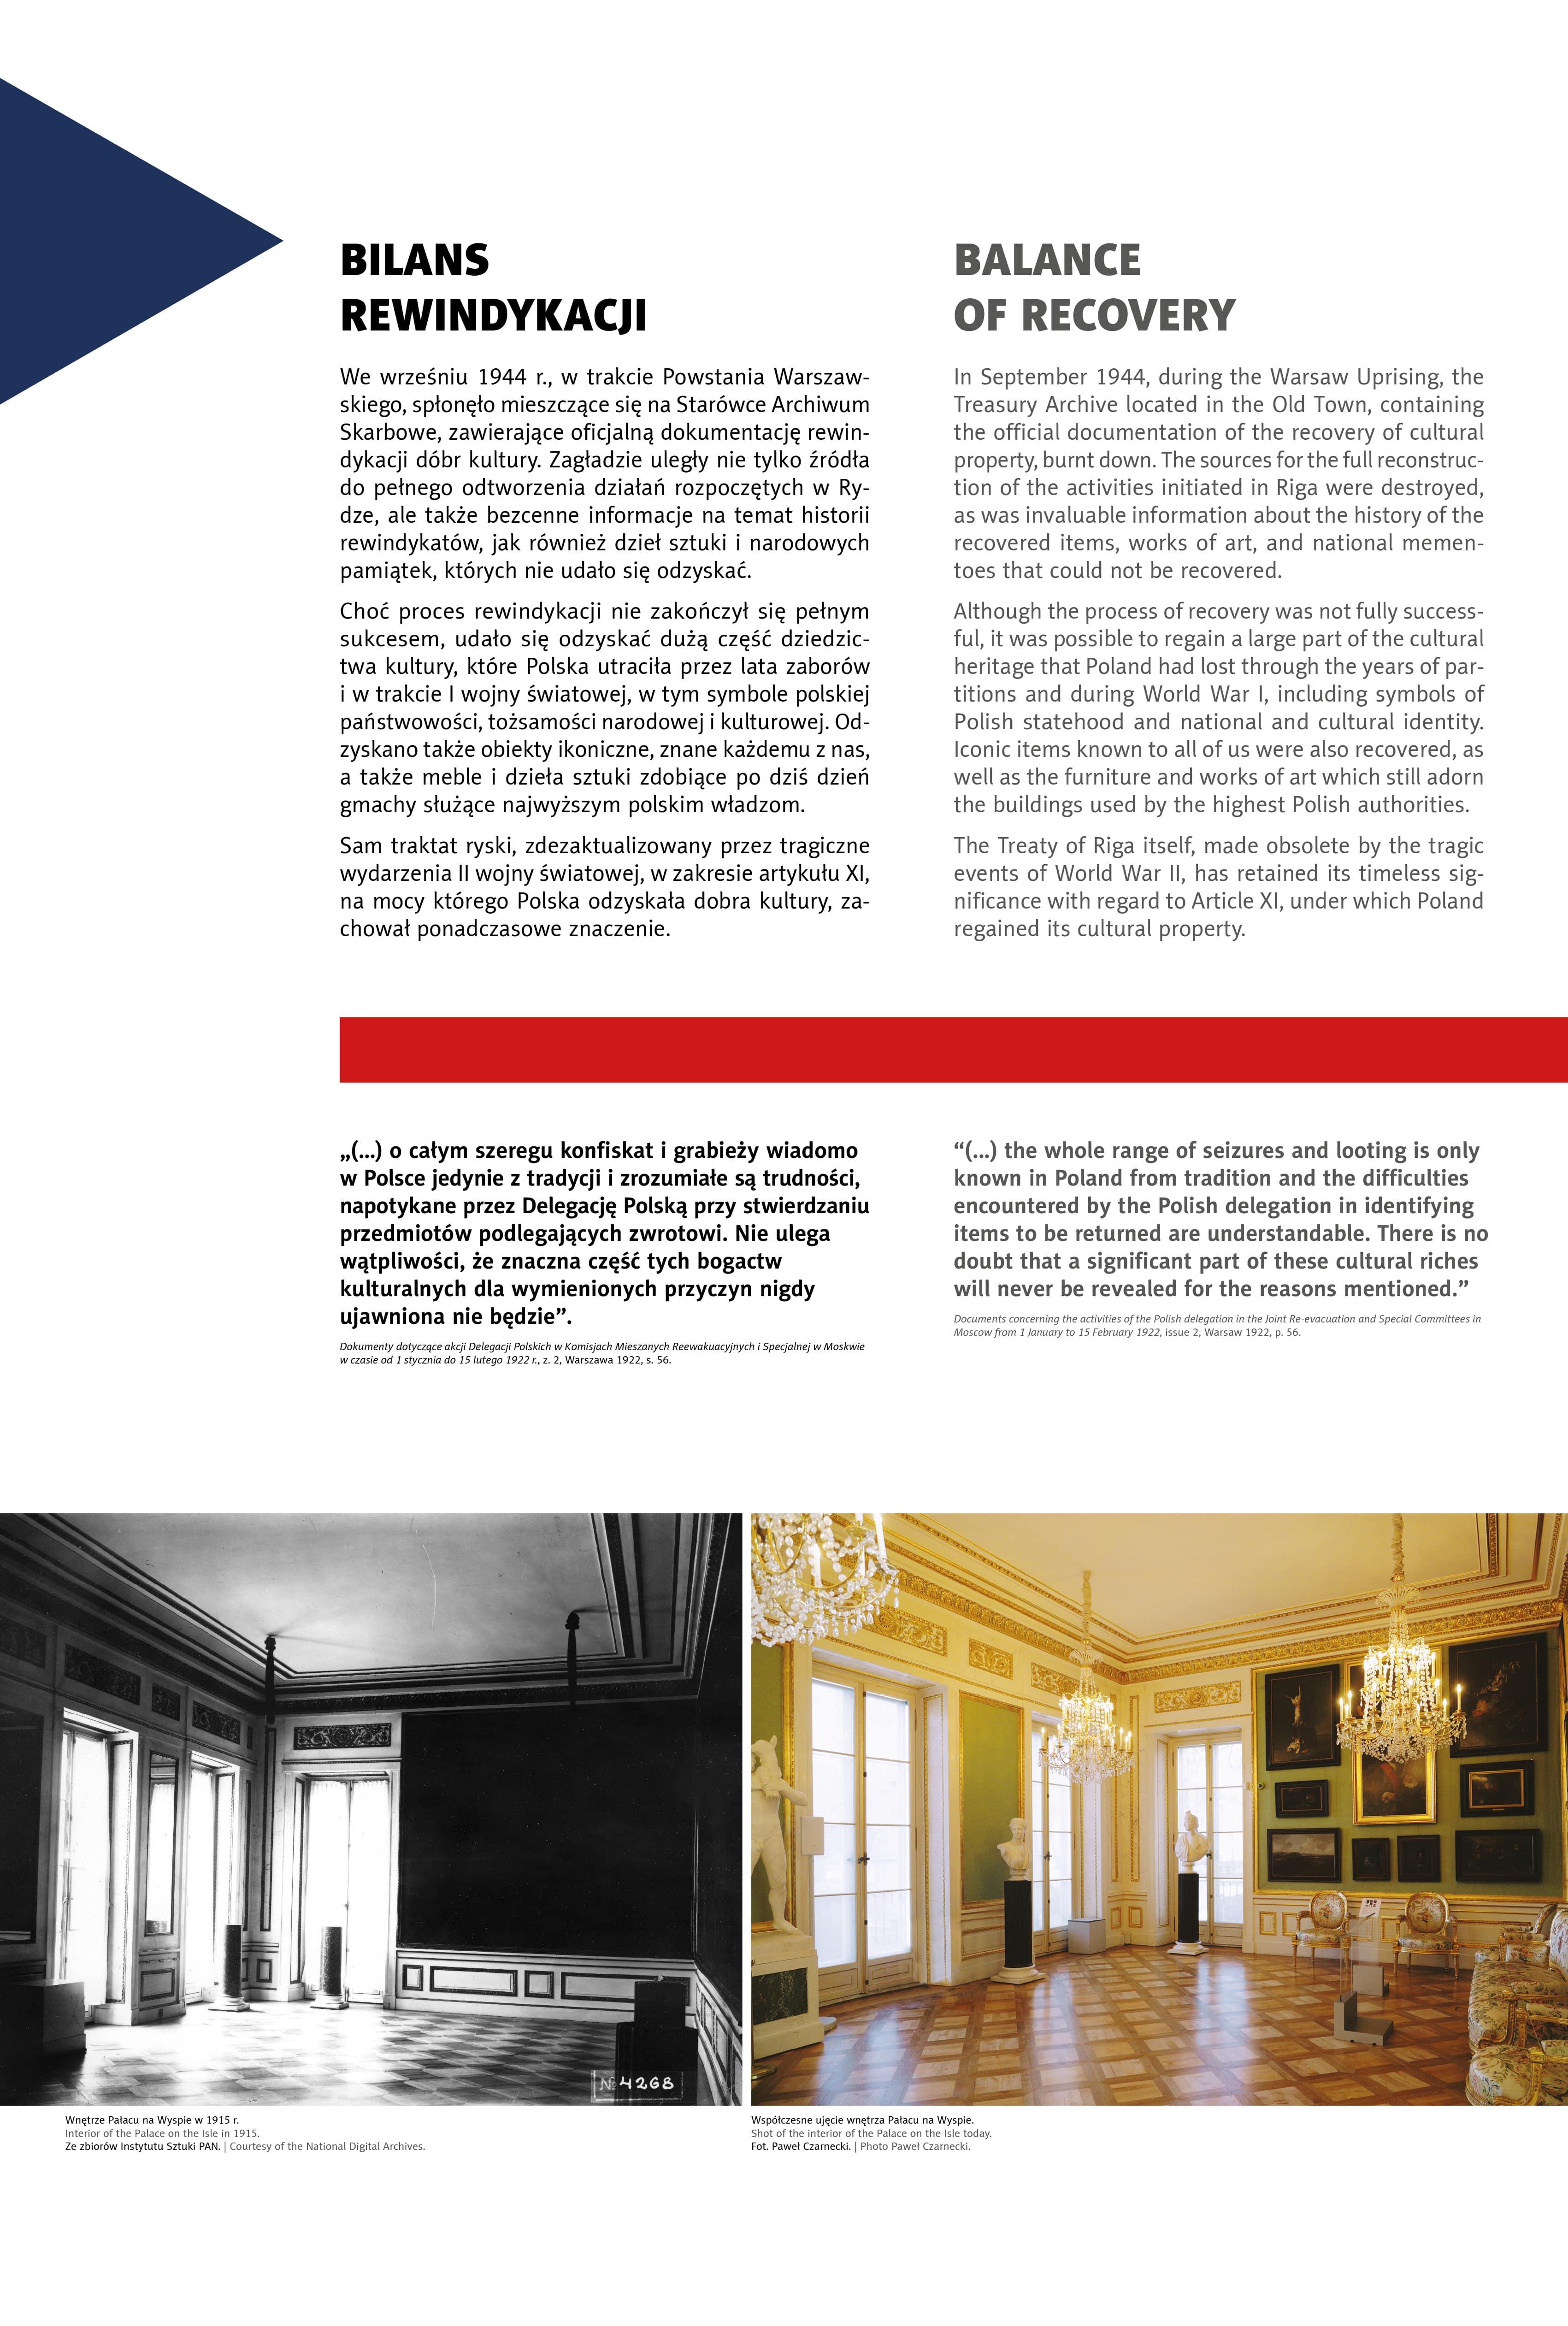 traktat-ryski-wystawa-ostateczna59-min